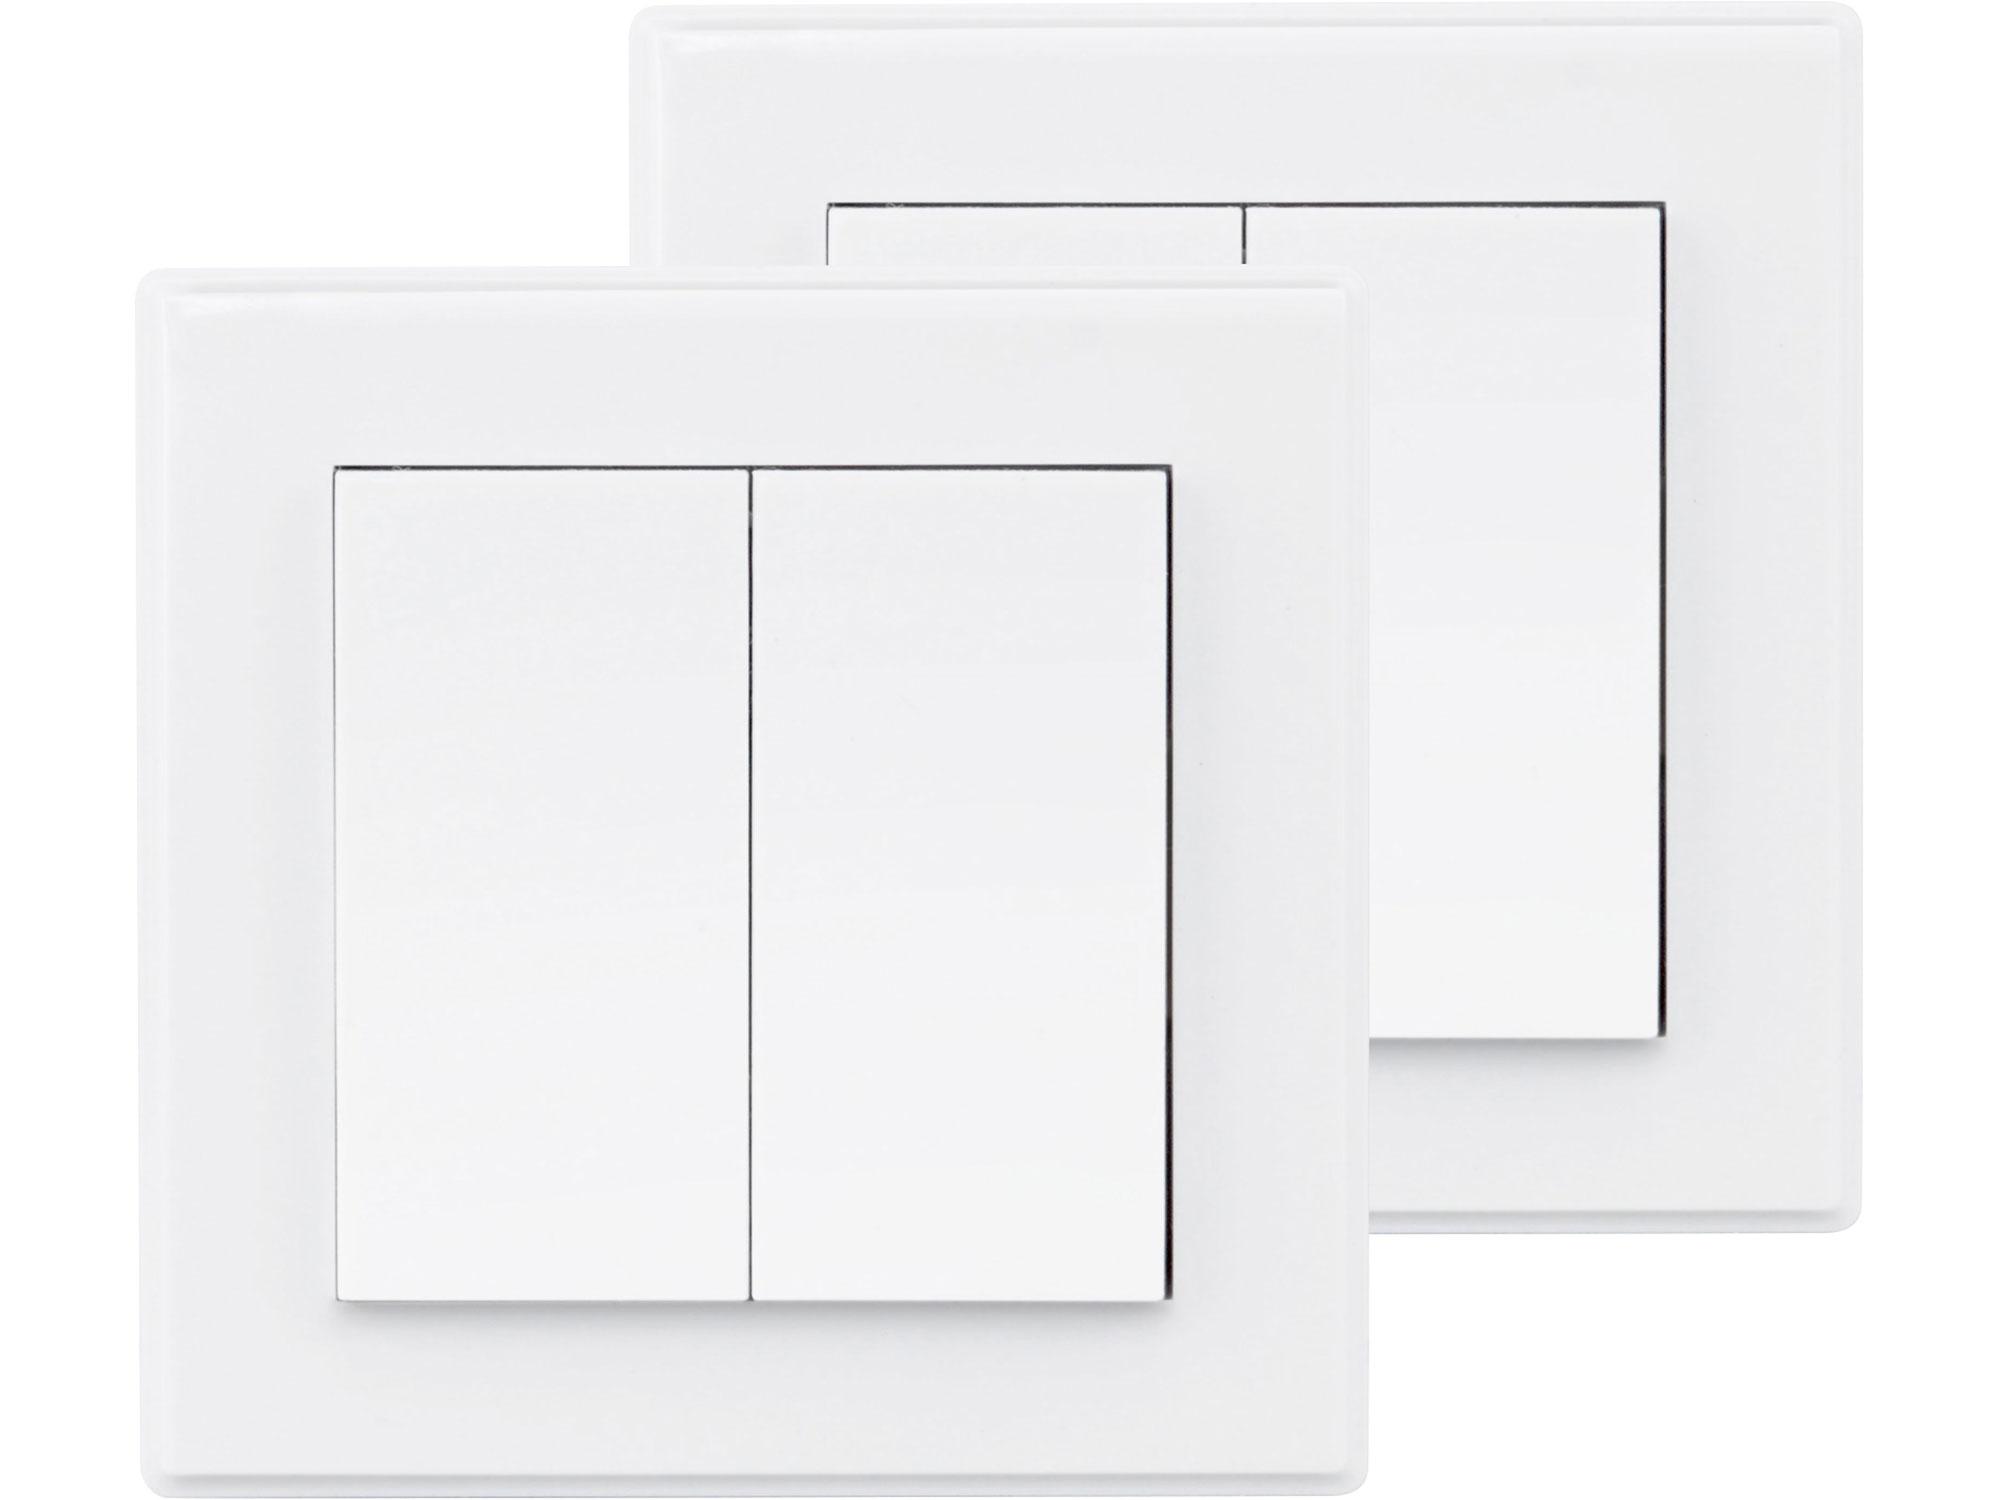 Vypínač/ovladač, dvojitý, 2ks, 2 jednotlivé/skupinové kanály EXTOL LIGHT 43822